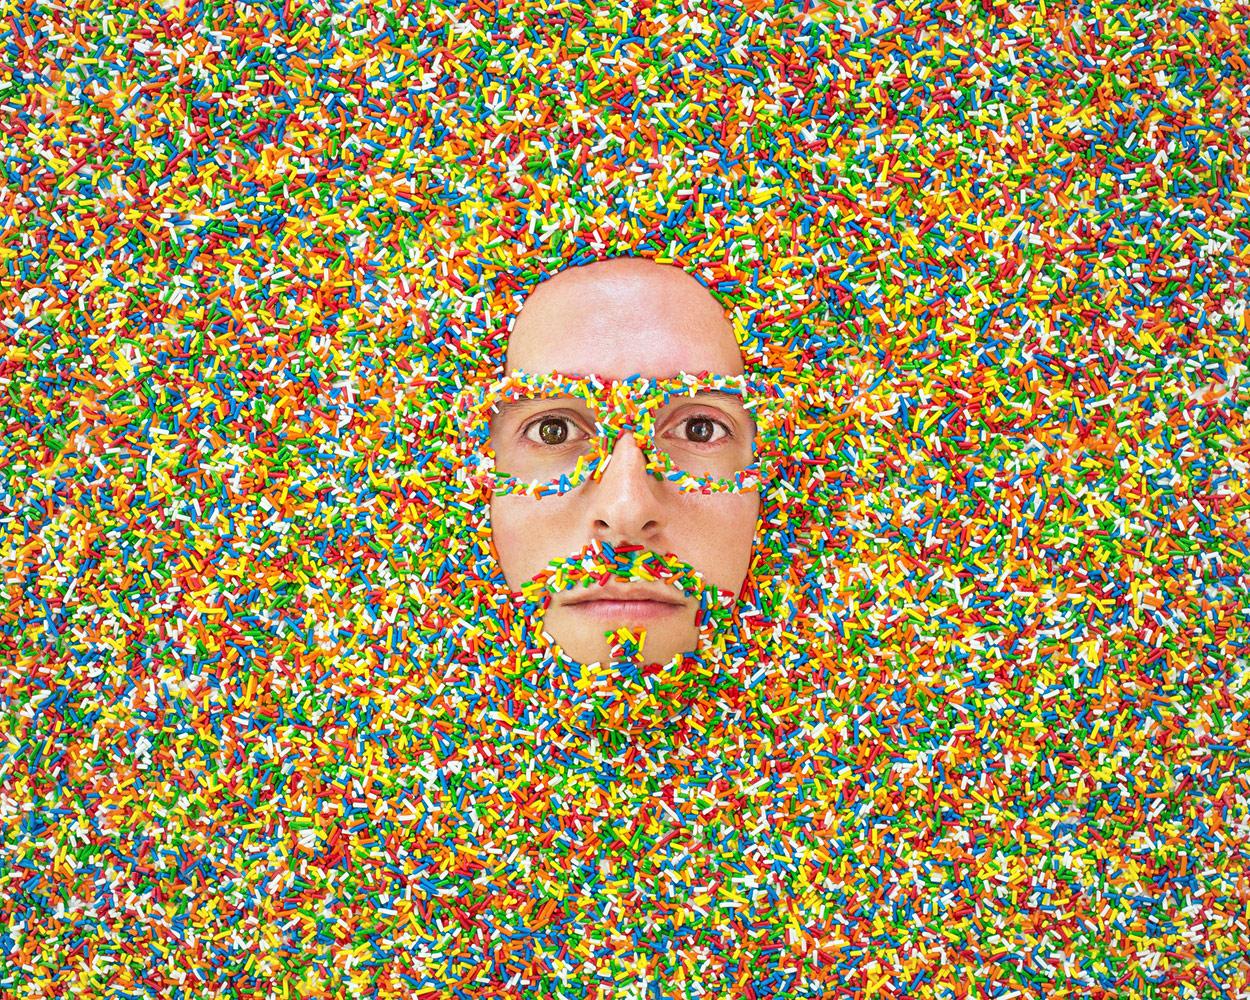 Спринклерная выставка, © Джейсон Трэвис, Венеция, США, Первое место в категории «Профессионал: Автопортреты», Конкурс портретной фотографии «Лица»